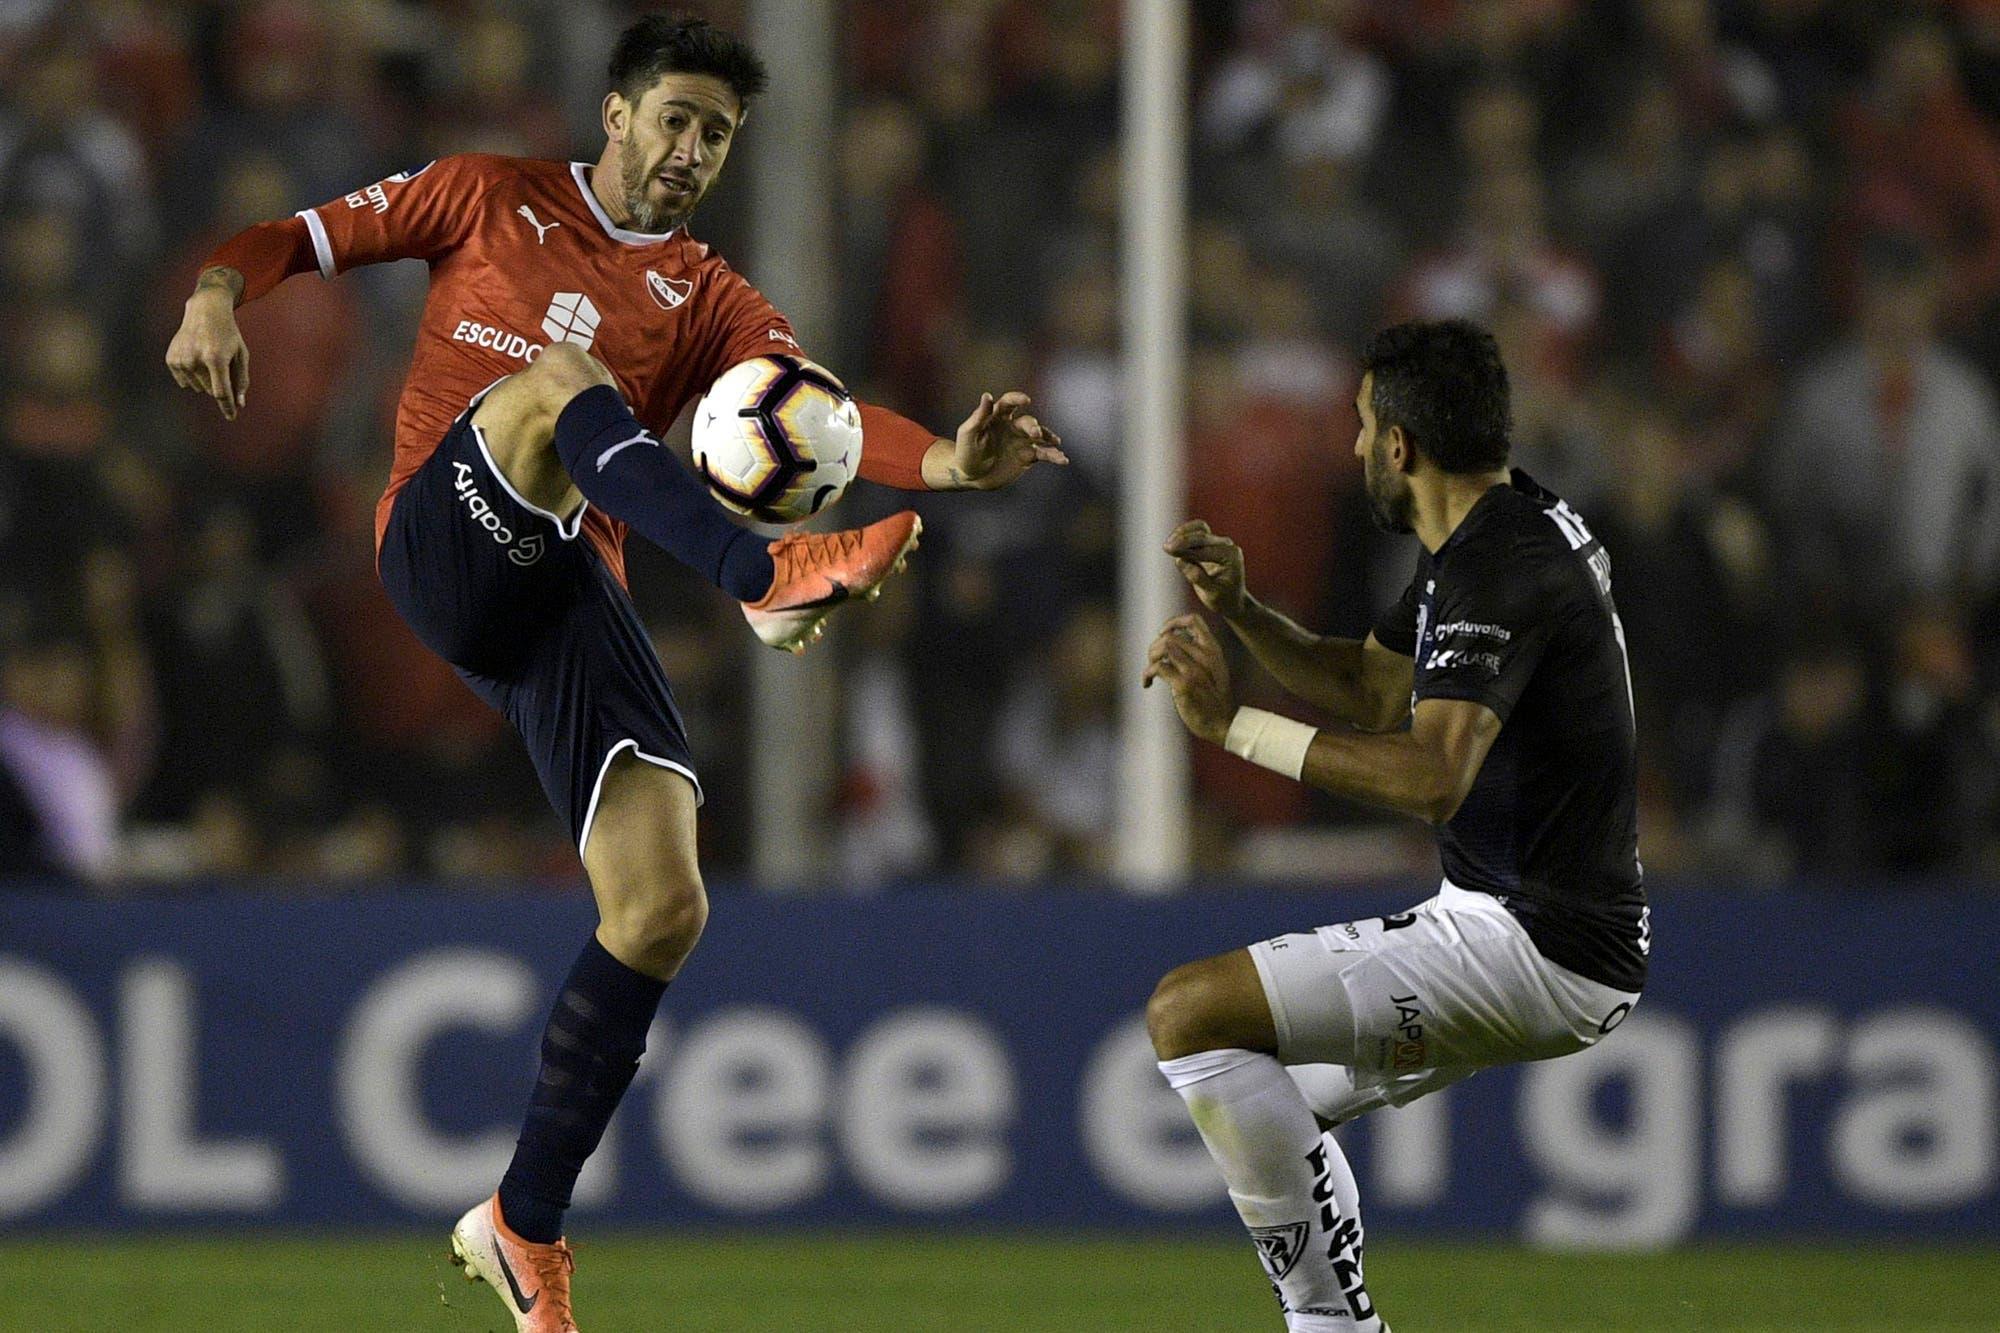 Independiente-Independiente Del Valle, Copa Sudamericana: horario, TV y formaciones